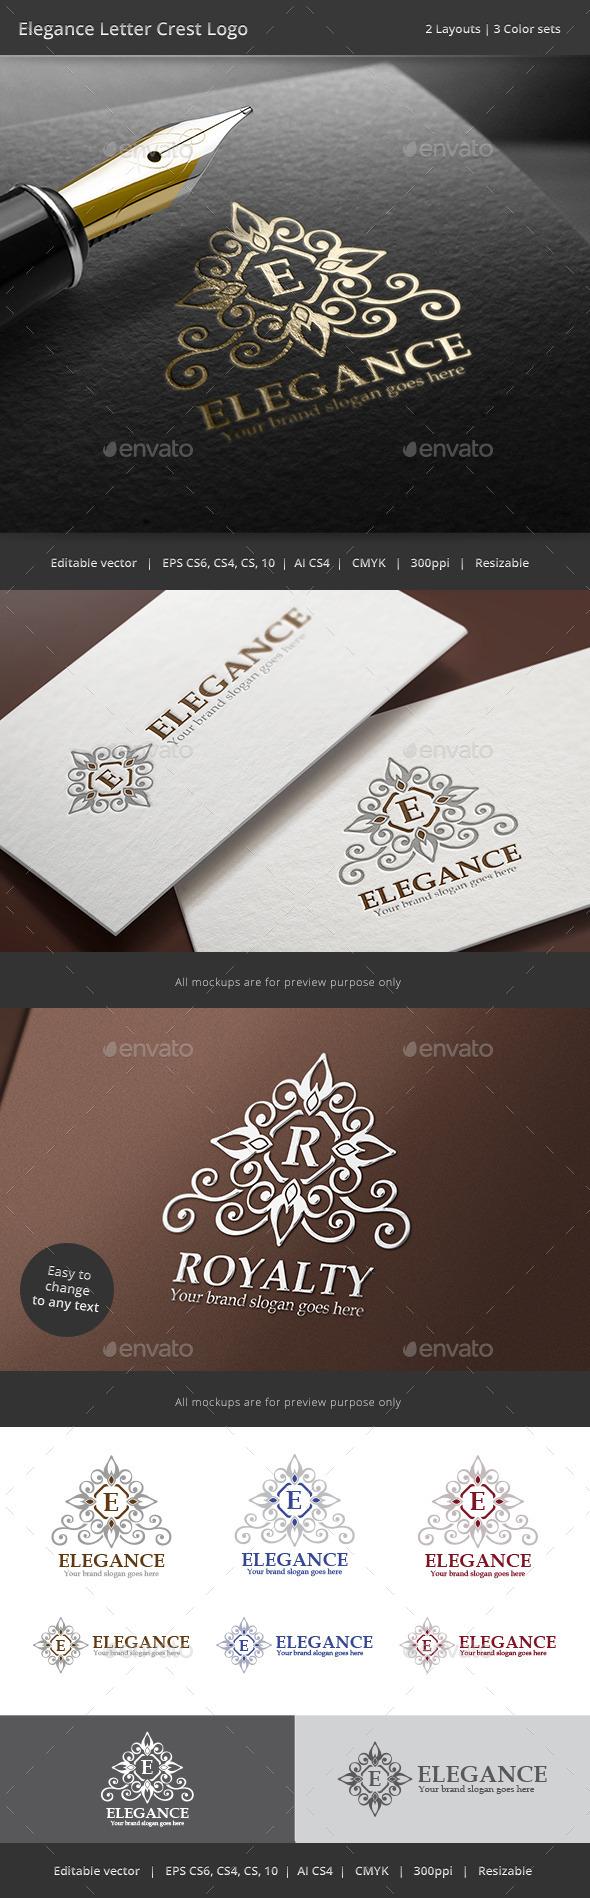 GraphicRiver Elegance Letter Crest Logo 8948906